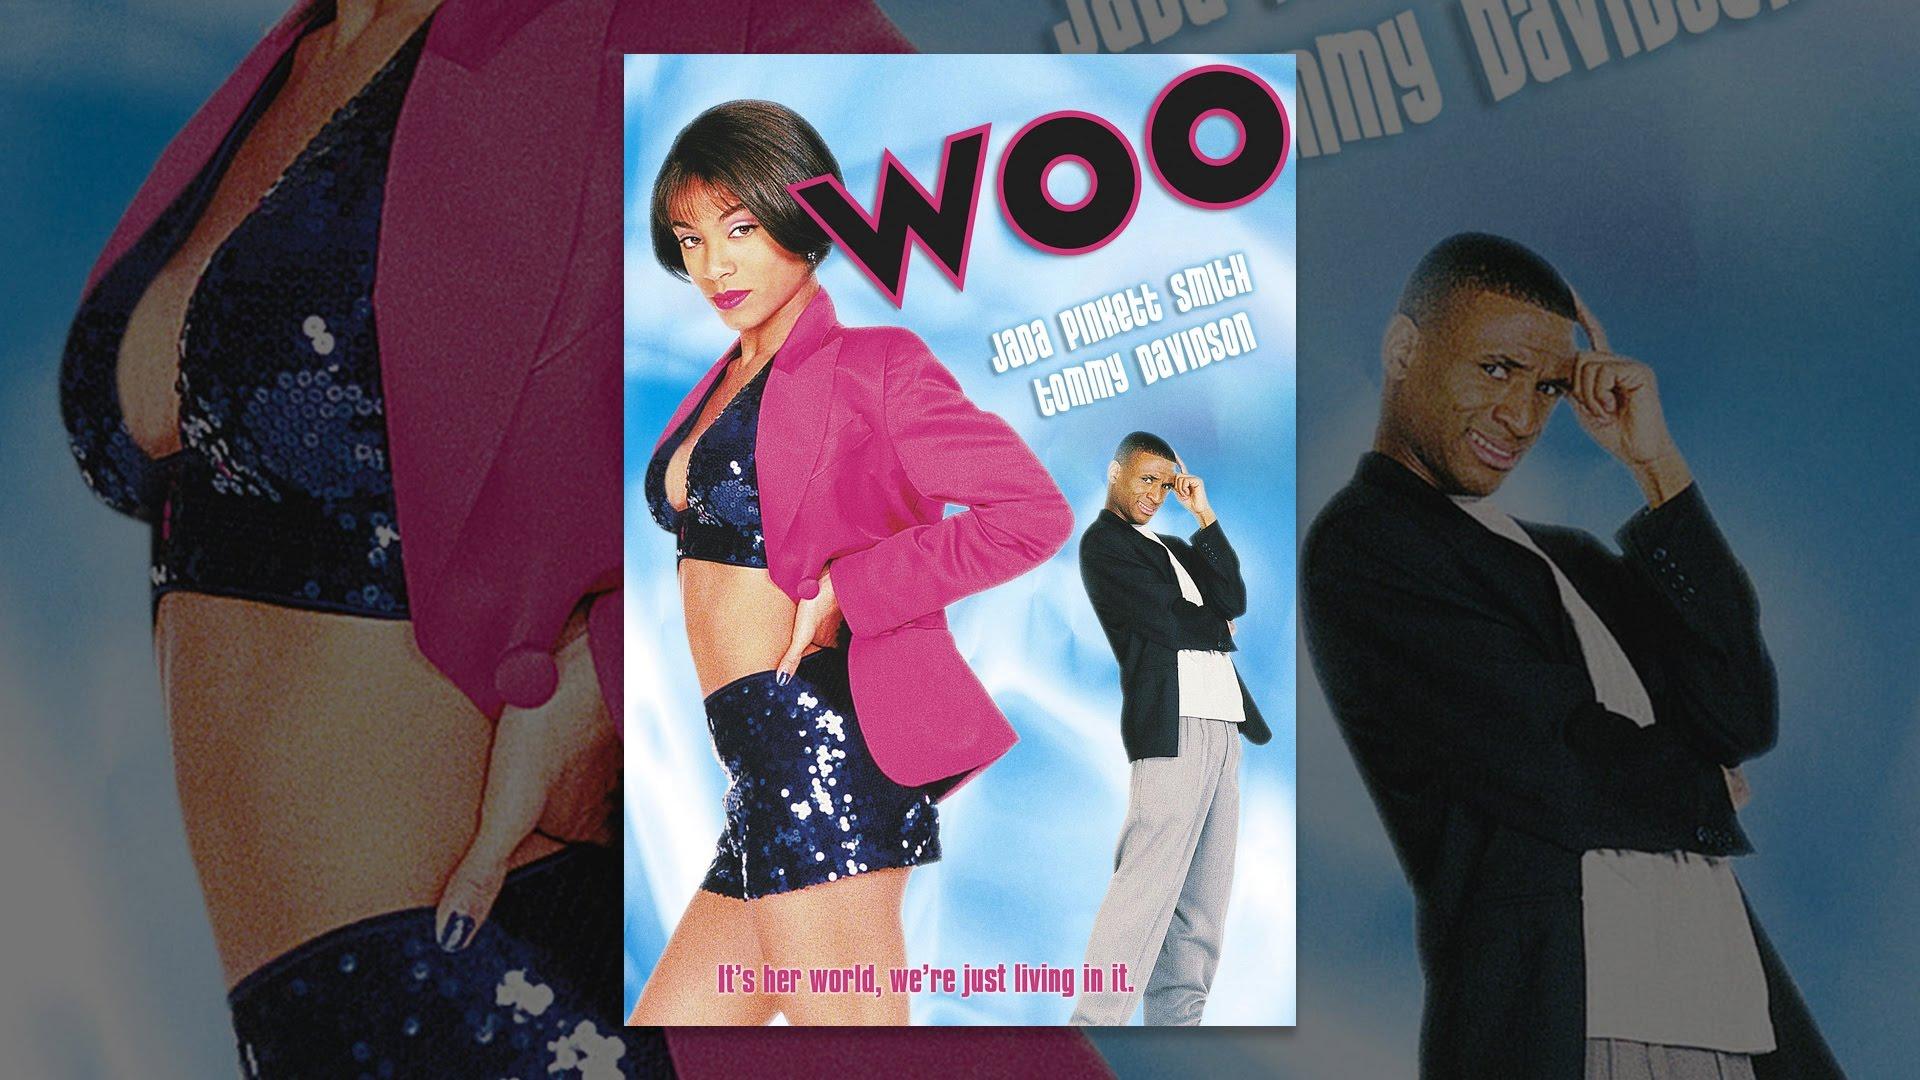 [VIDEO] - Woo 9